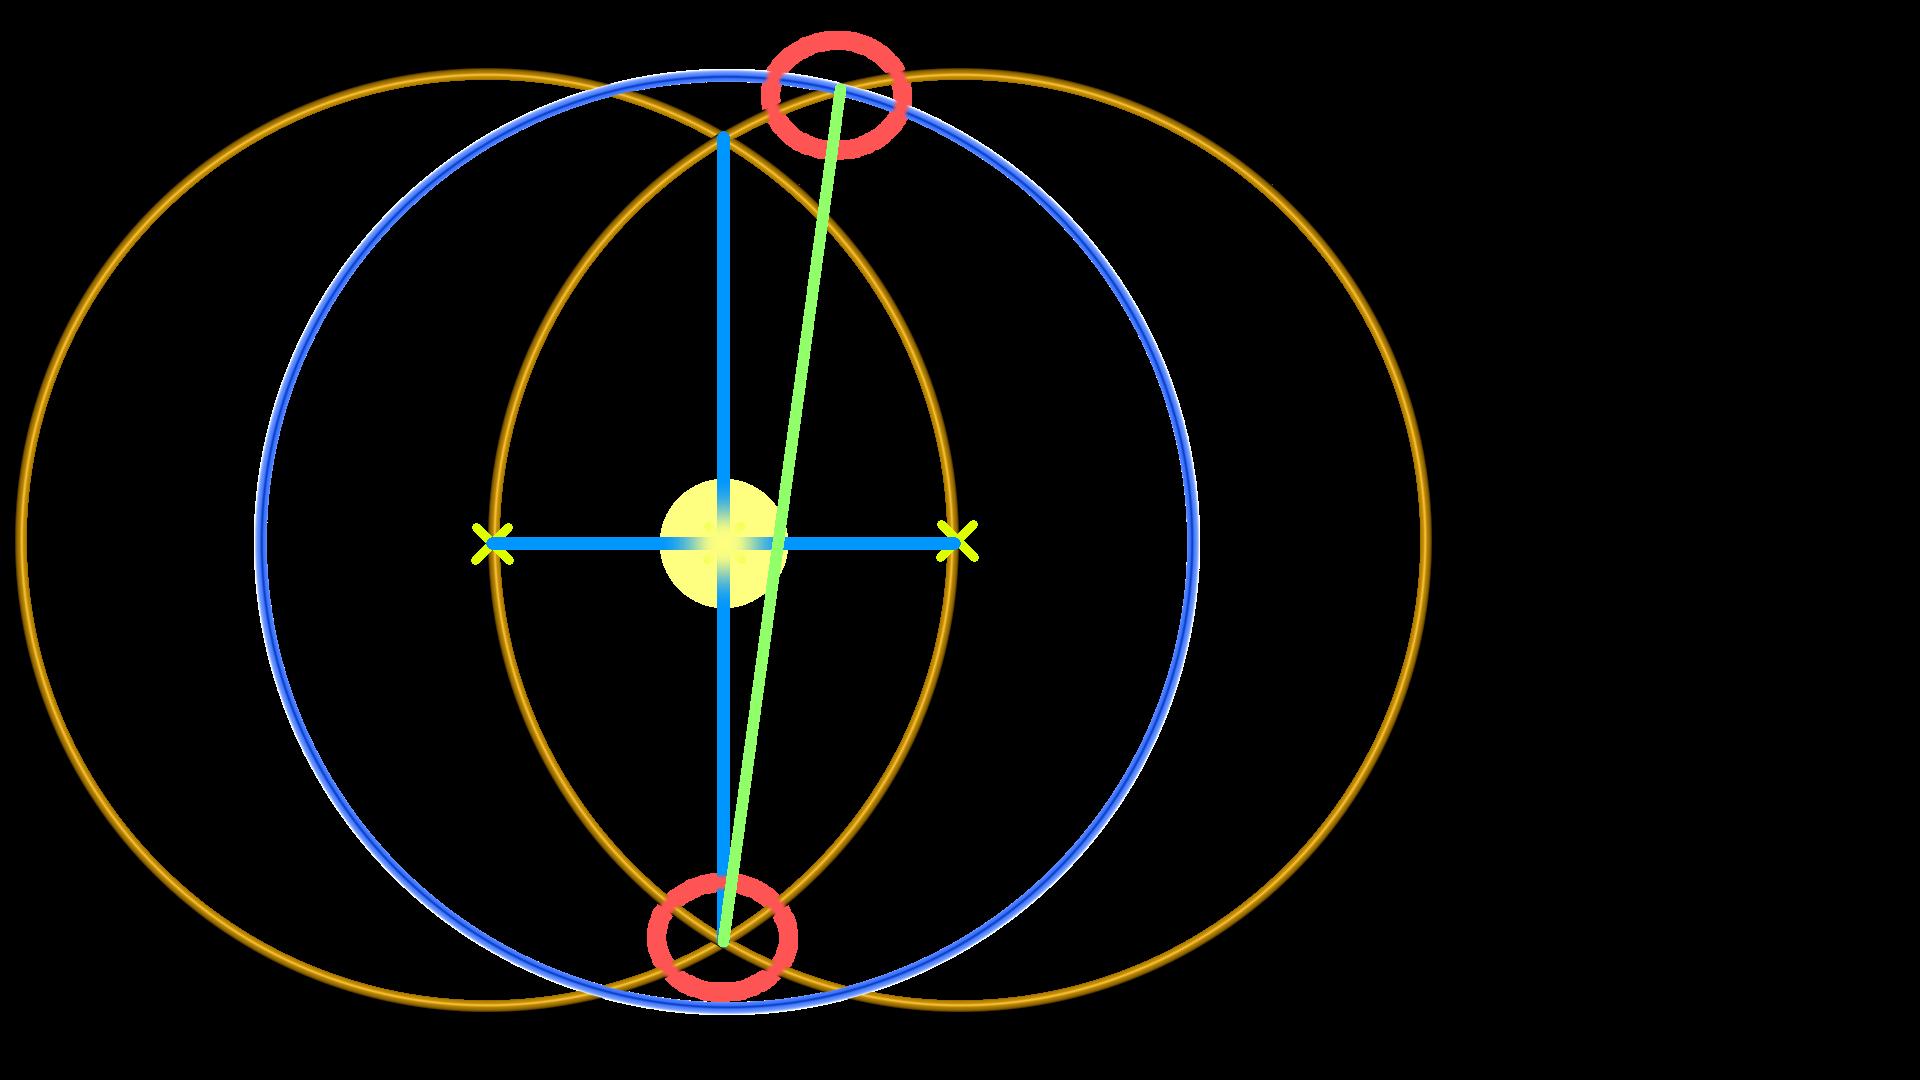 Konstruktion der goldene Schnitt: Bild zeigt drei Kreise, ein Kreuz, eine schräge Gerade als Verbindung und zwei Markierungen